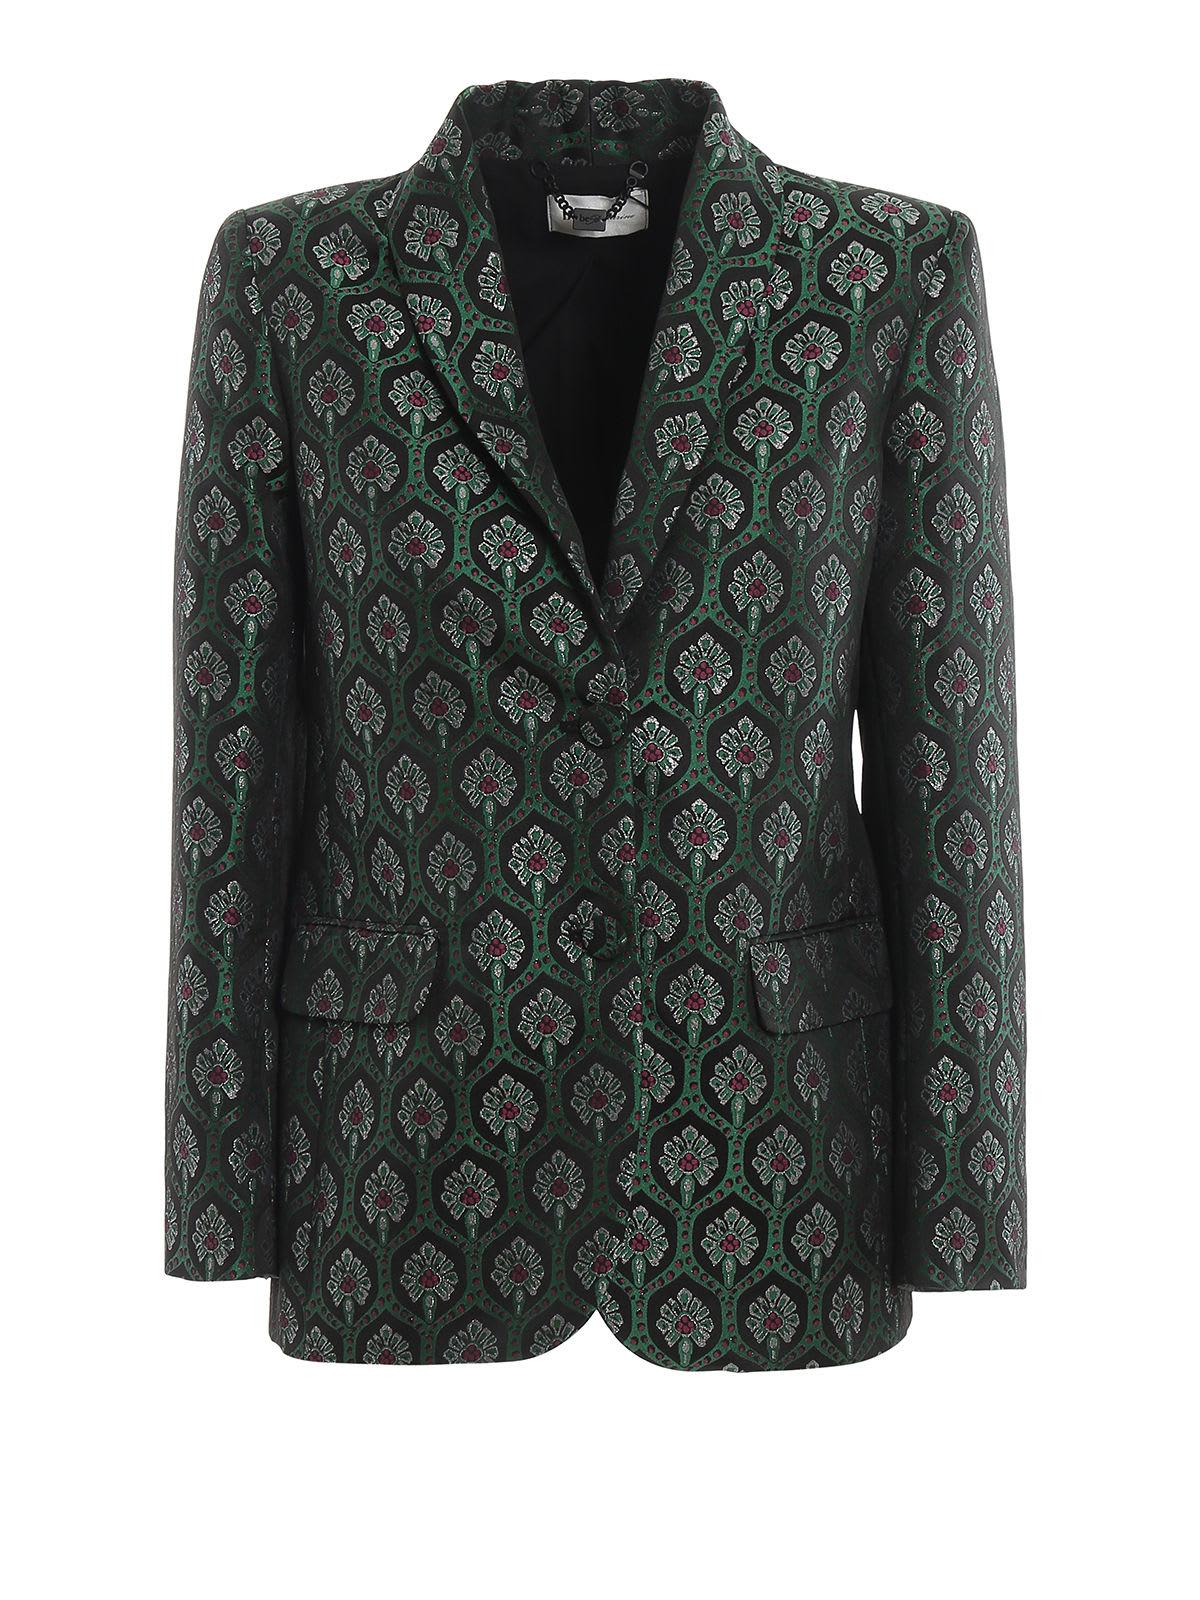 Be Blumarine Jacquard Liberty Coat